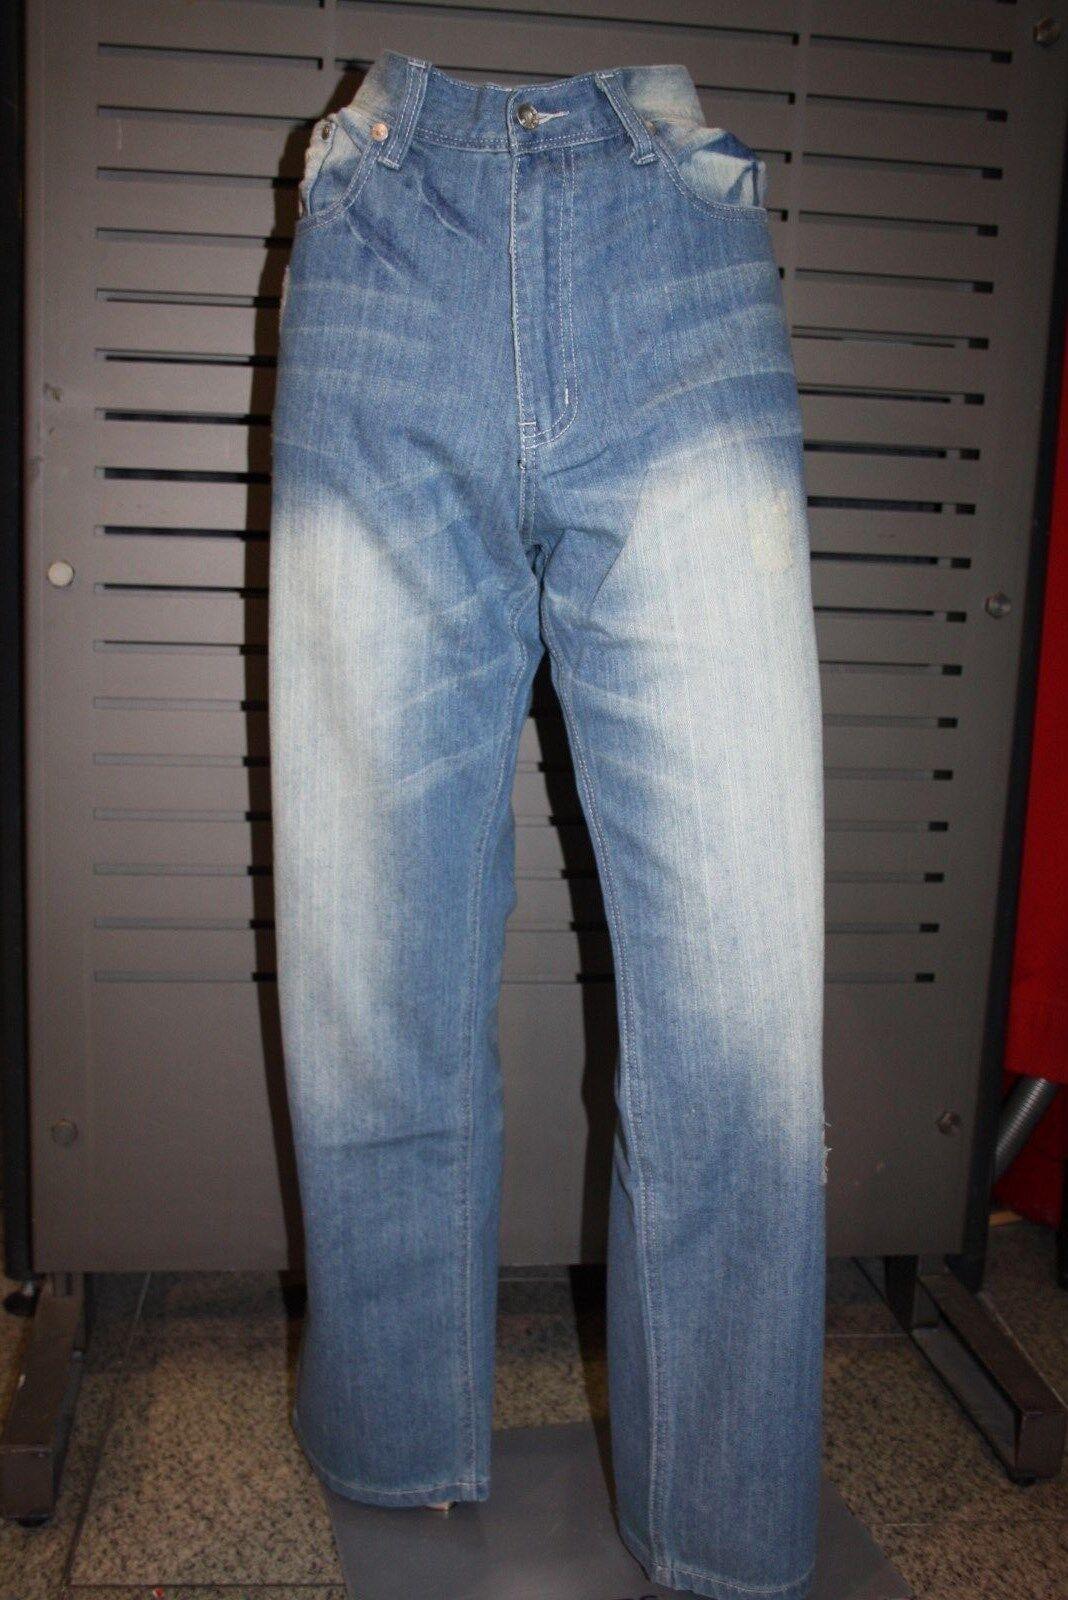 Thug Life Jeans Big Up Denim TL-DS09-072 row Blau denim and dark Blau 2018    Verkauf    Marke    Deutschland Store